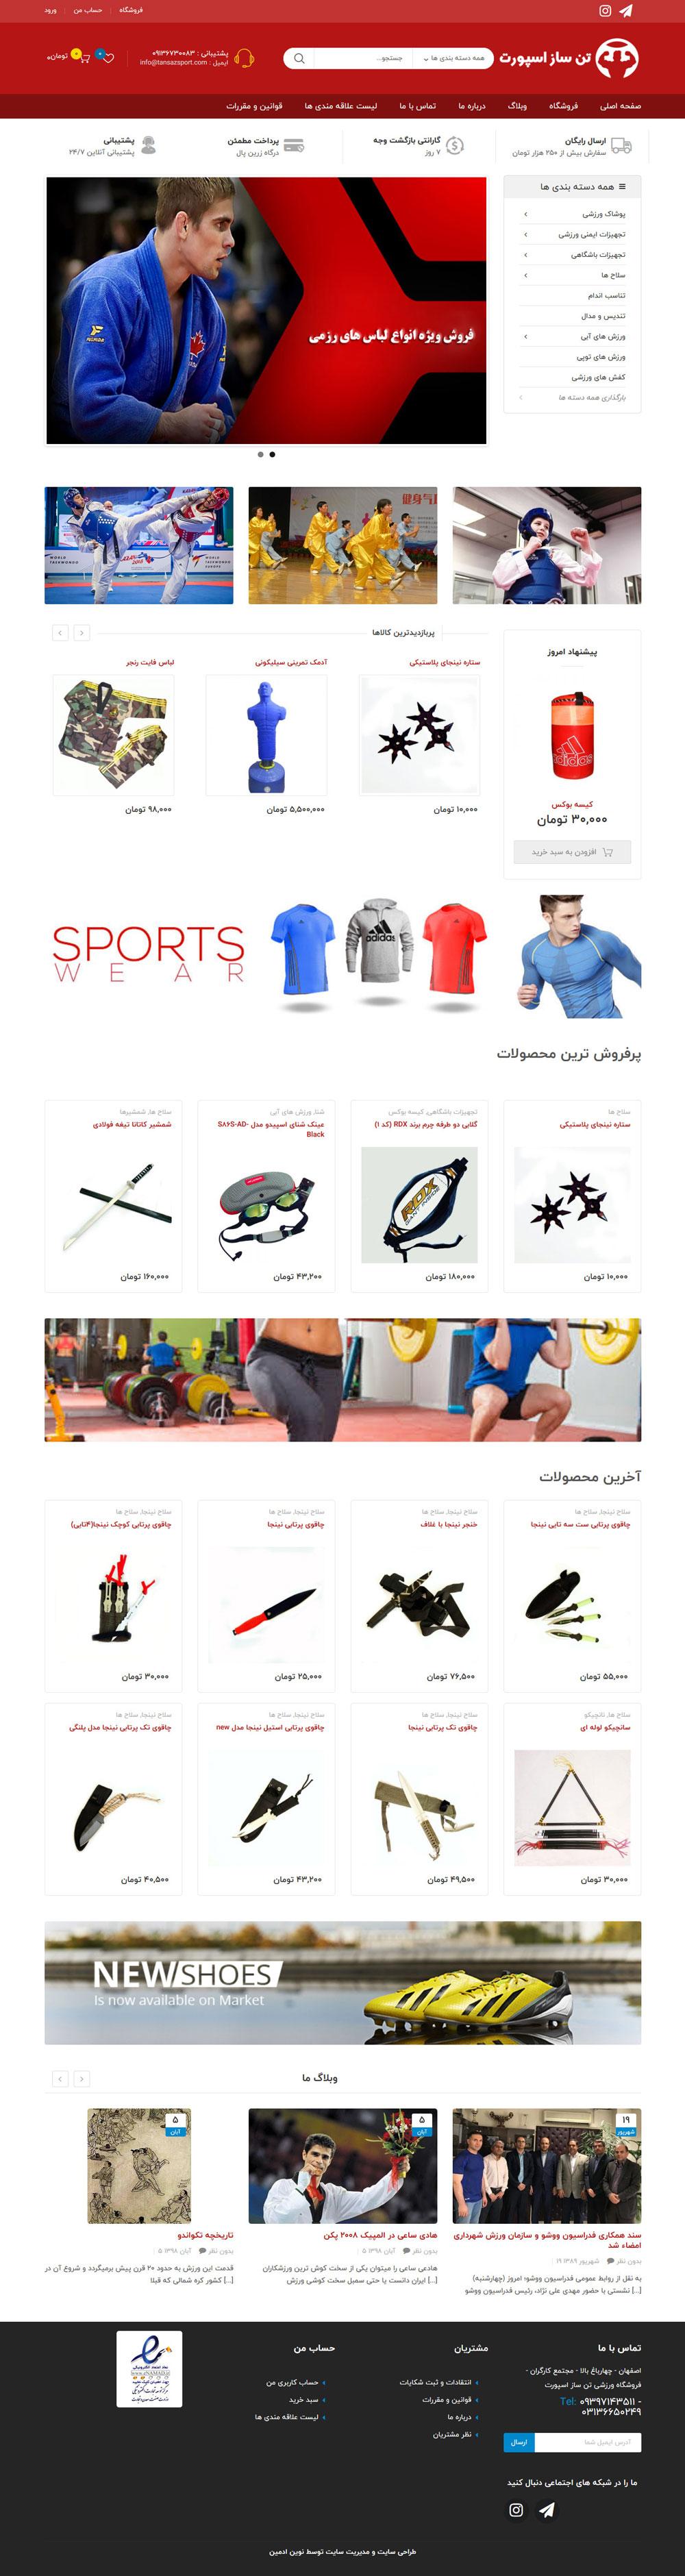 طراحی صفحه اصلی وب سایت tansazsport